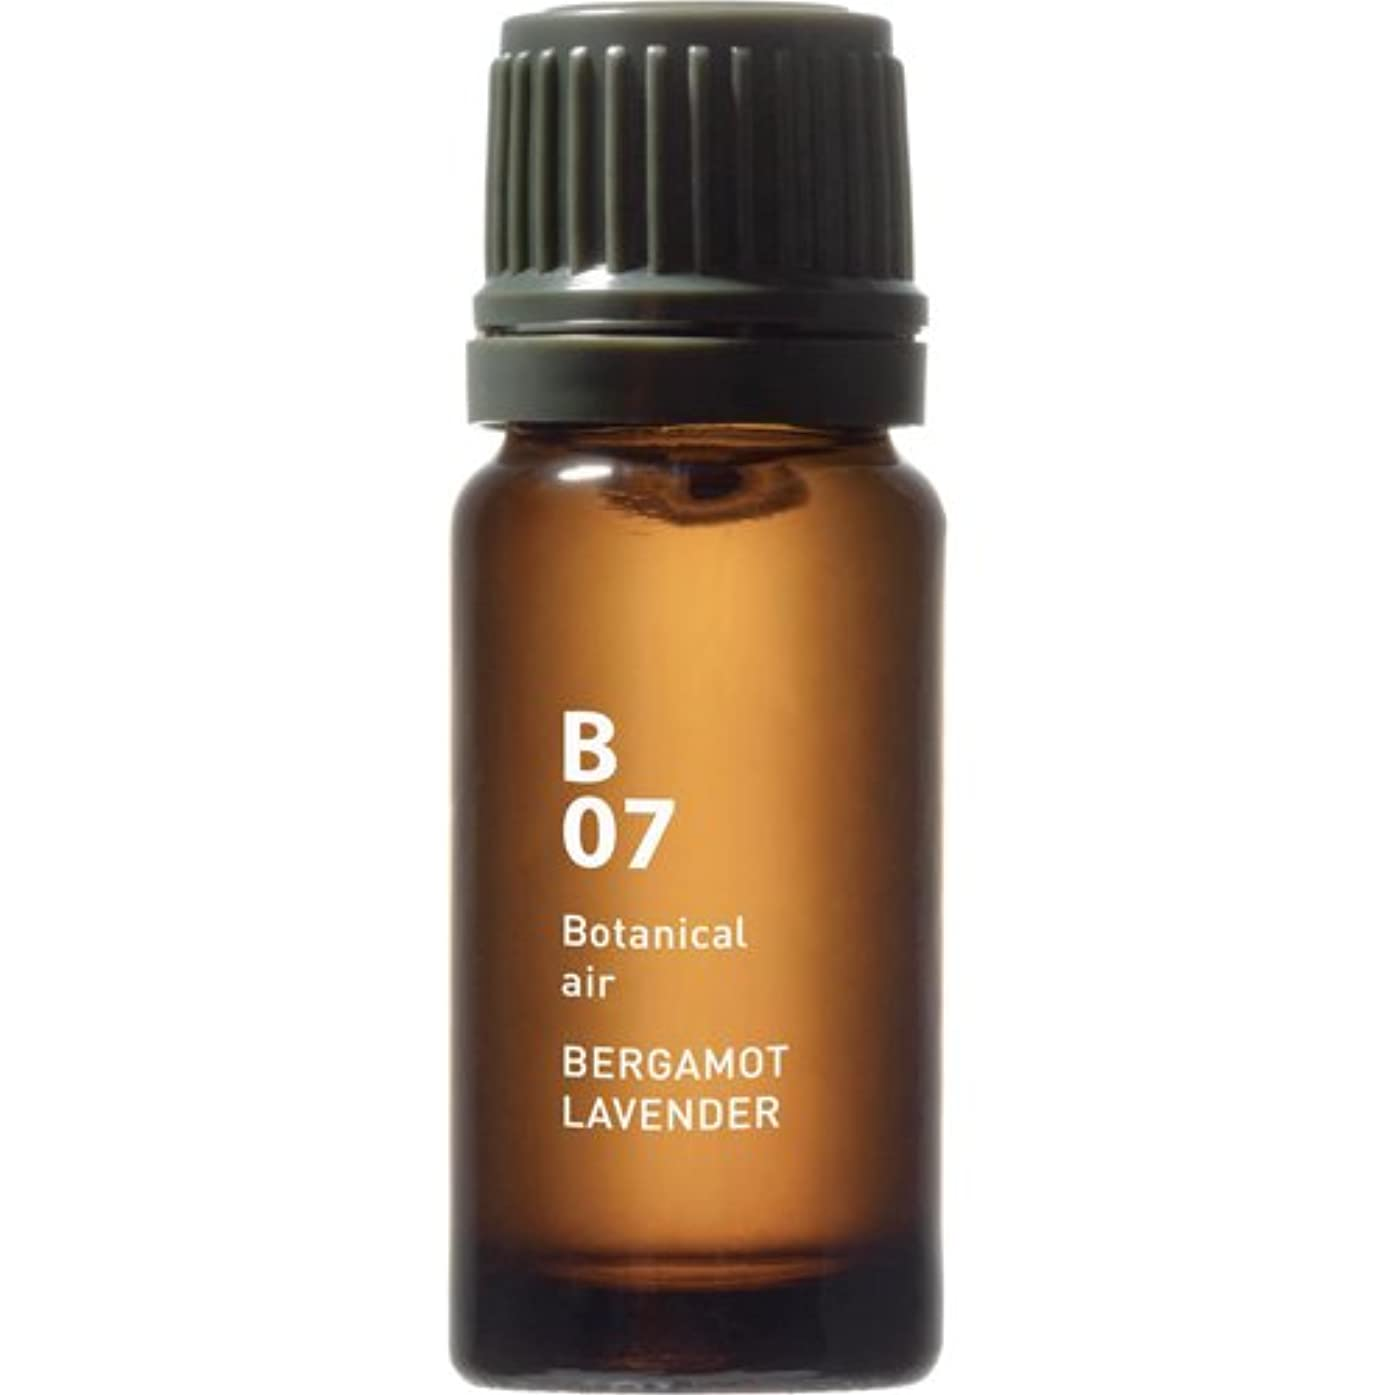 所得摩擦こっそりB07 ベルガモットラベンダー Botanical air(ボタニカルエアー) 10ml